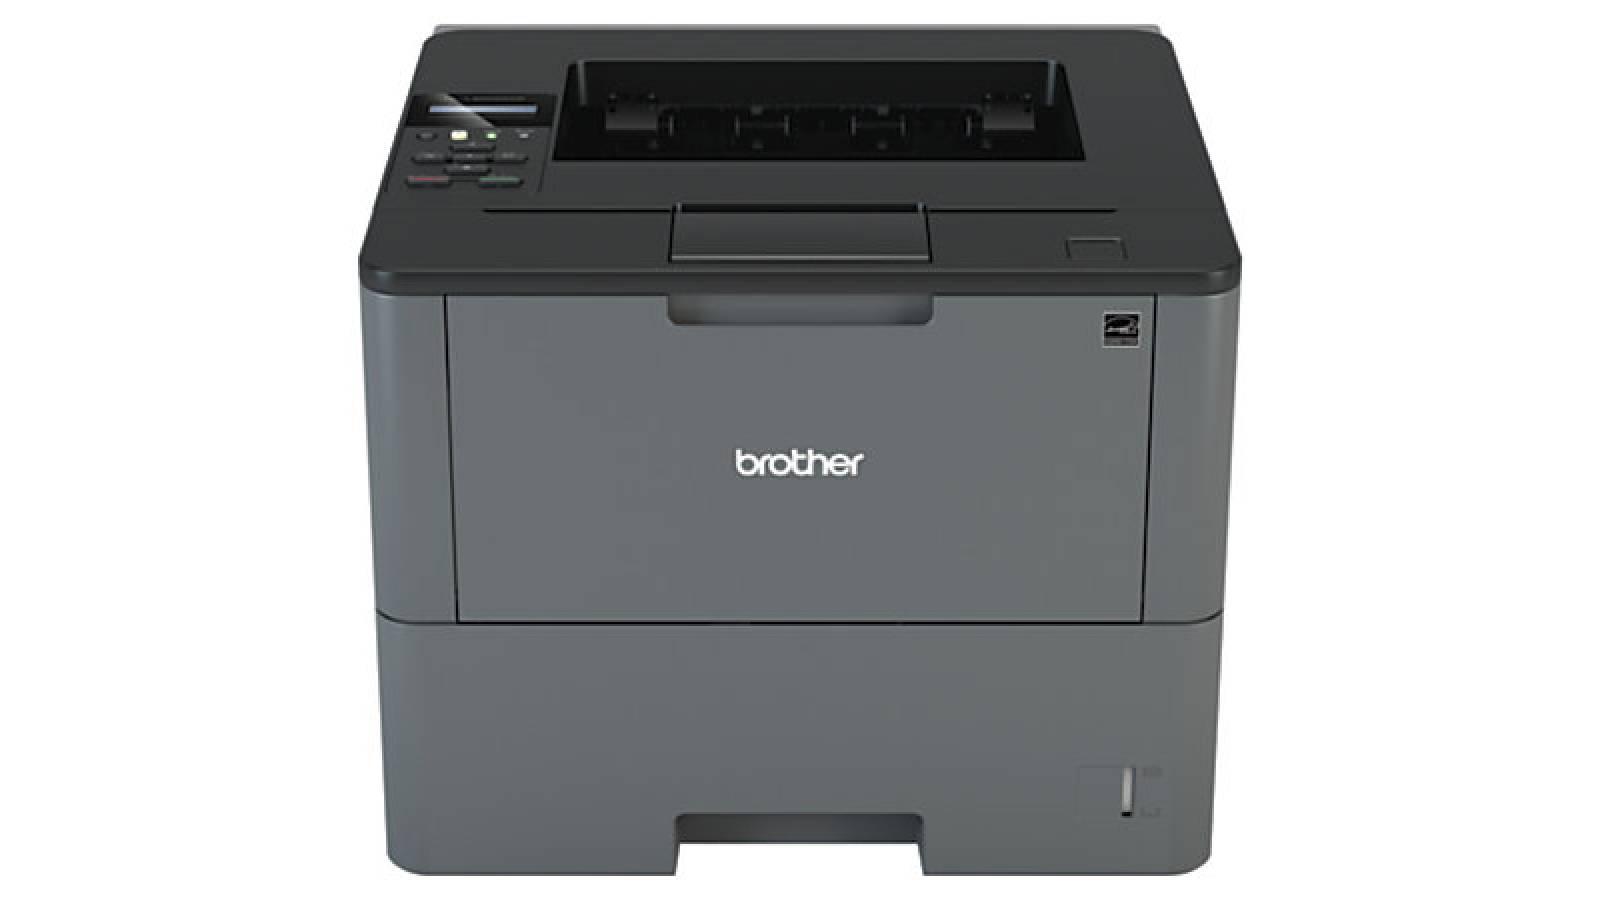 Impresora láser monocromática Brother HL-L6200DW